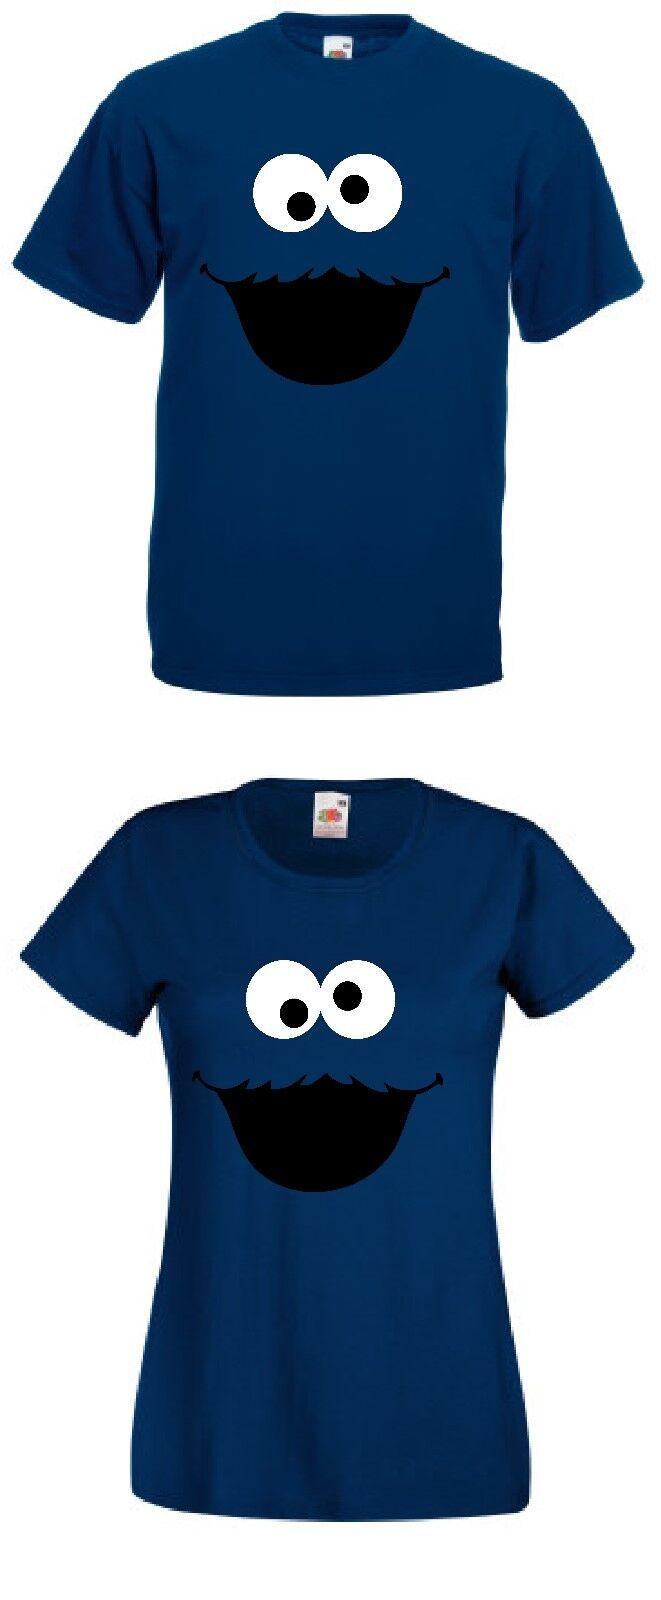 Krümelmonster Keksmonster T-Shirt Fans Kostüm Karneval Fasching Damen Herren